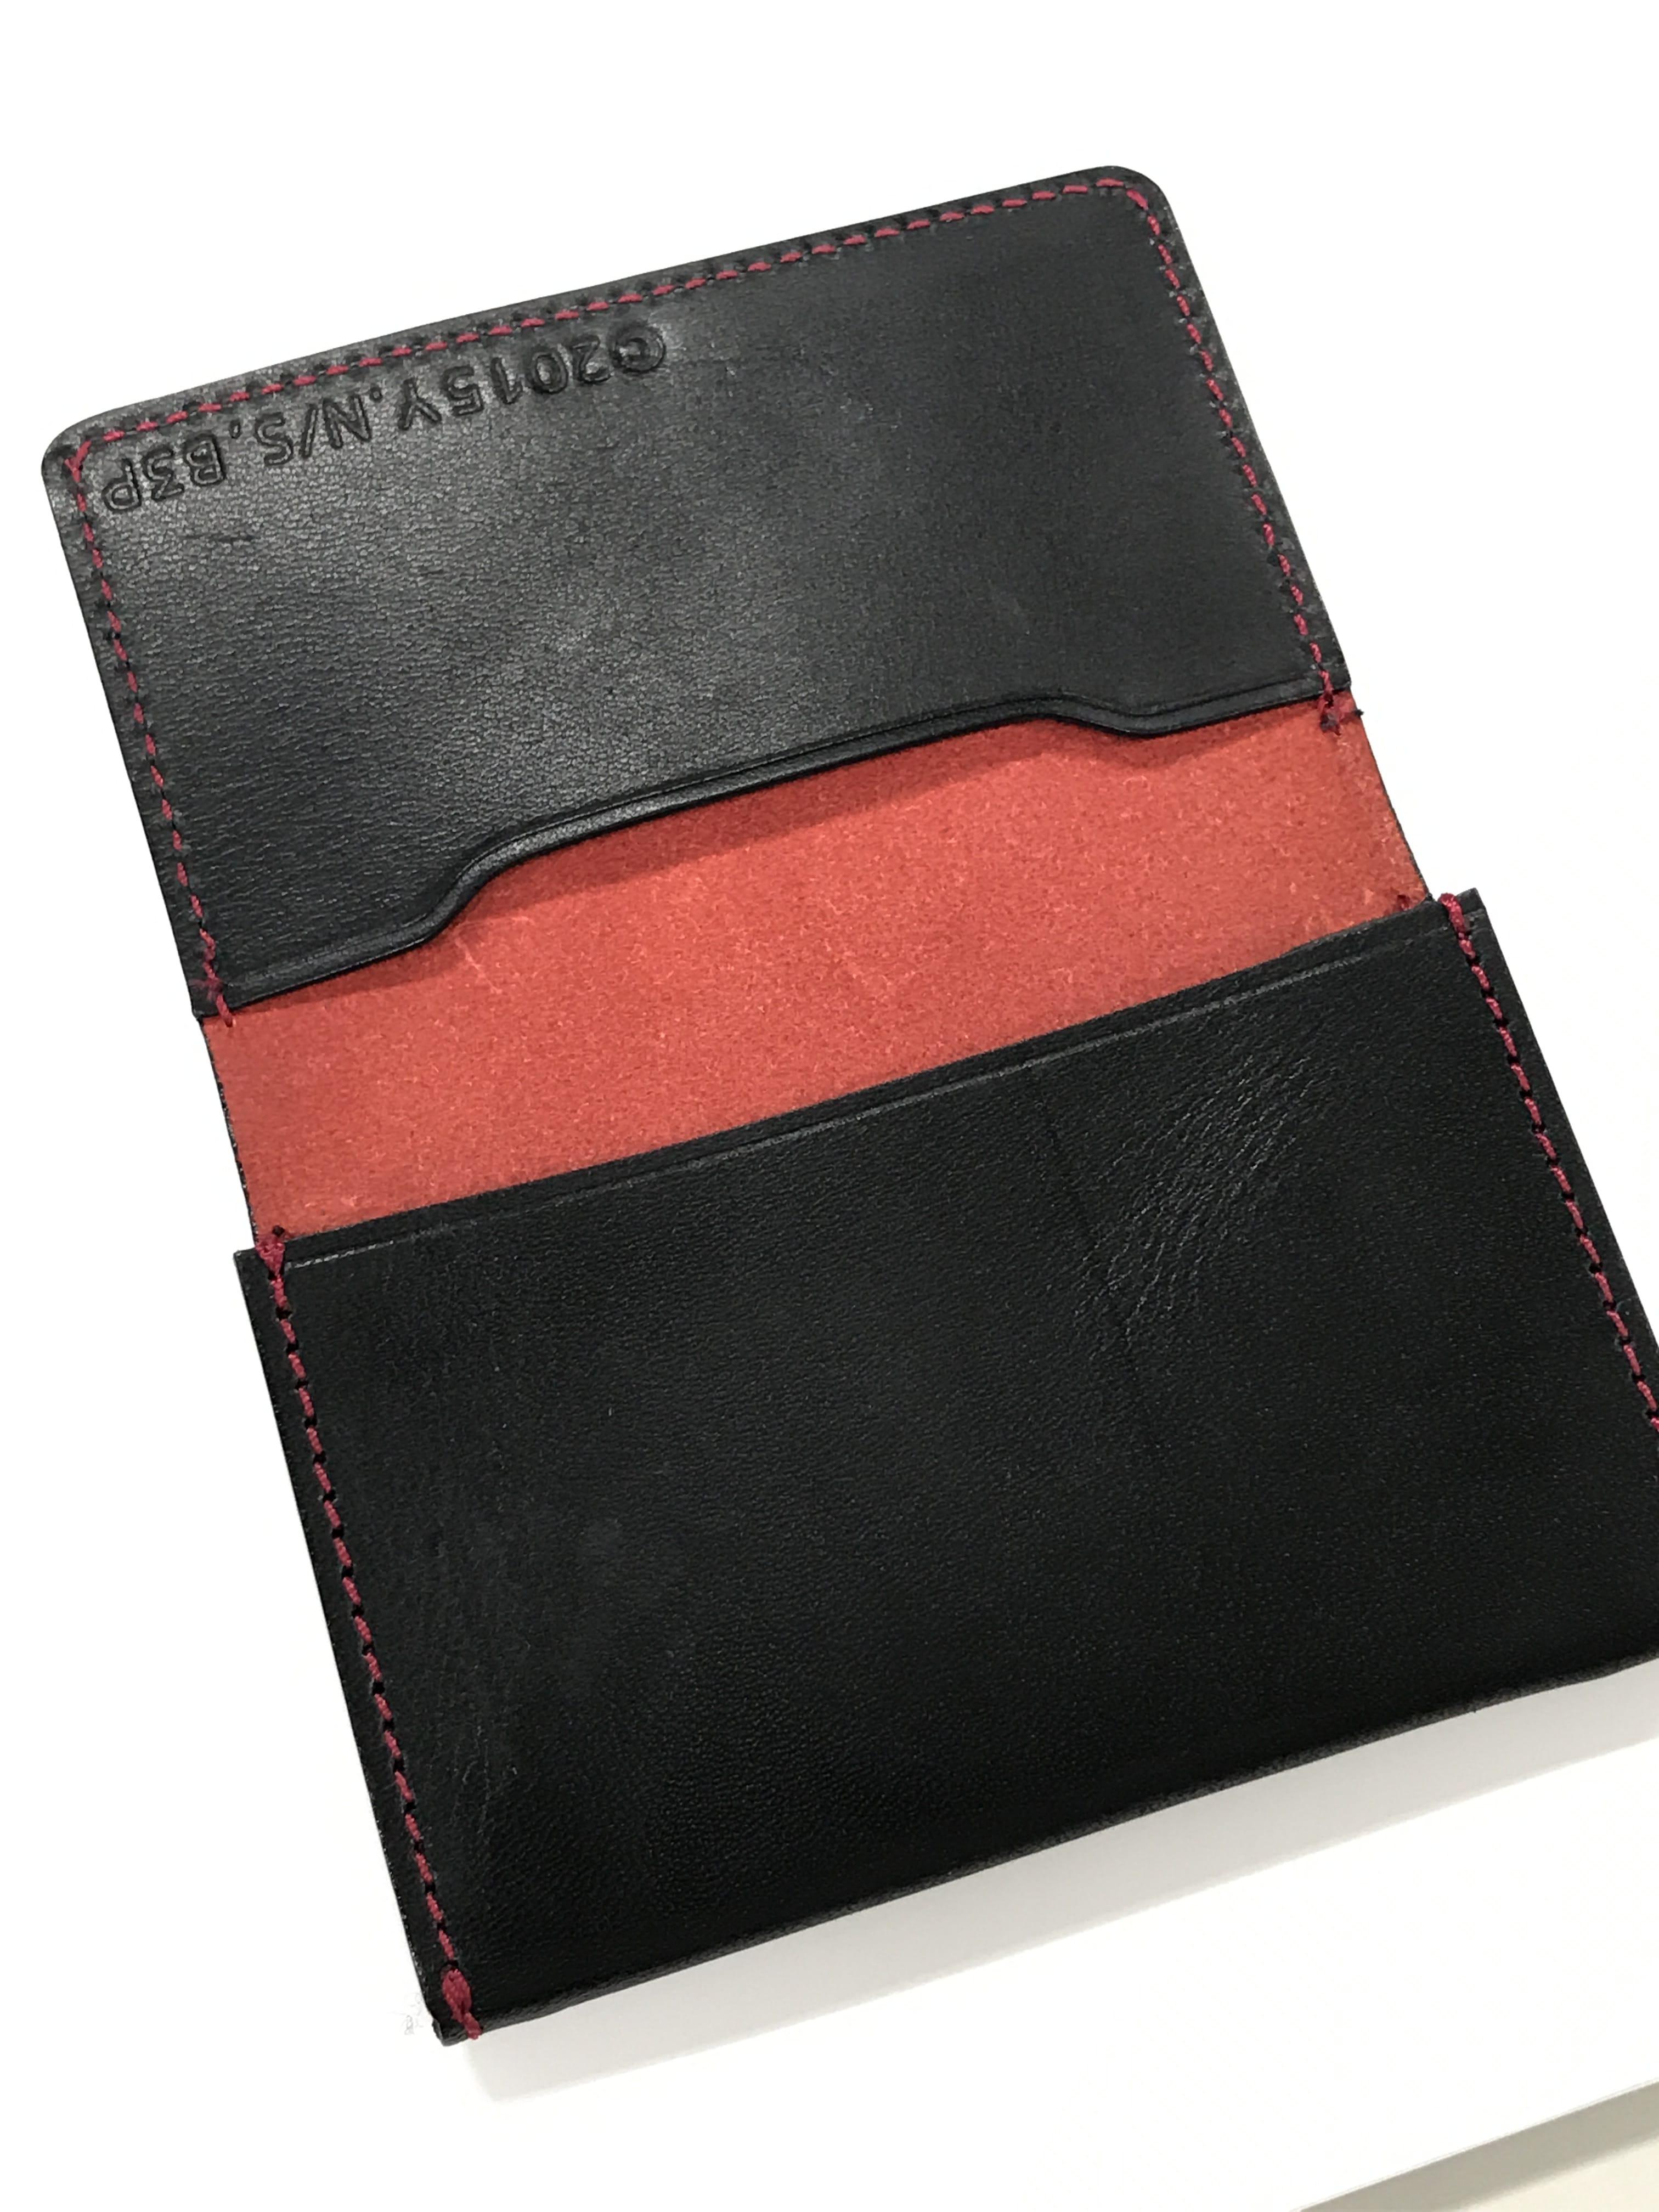 血界戦線 & BEYOND レザーカードケース